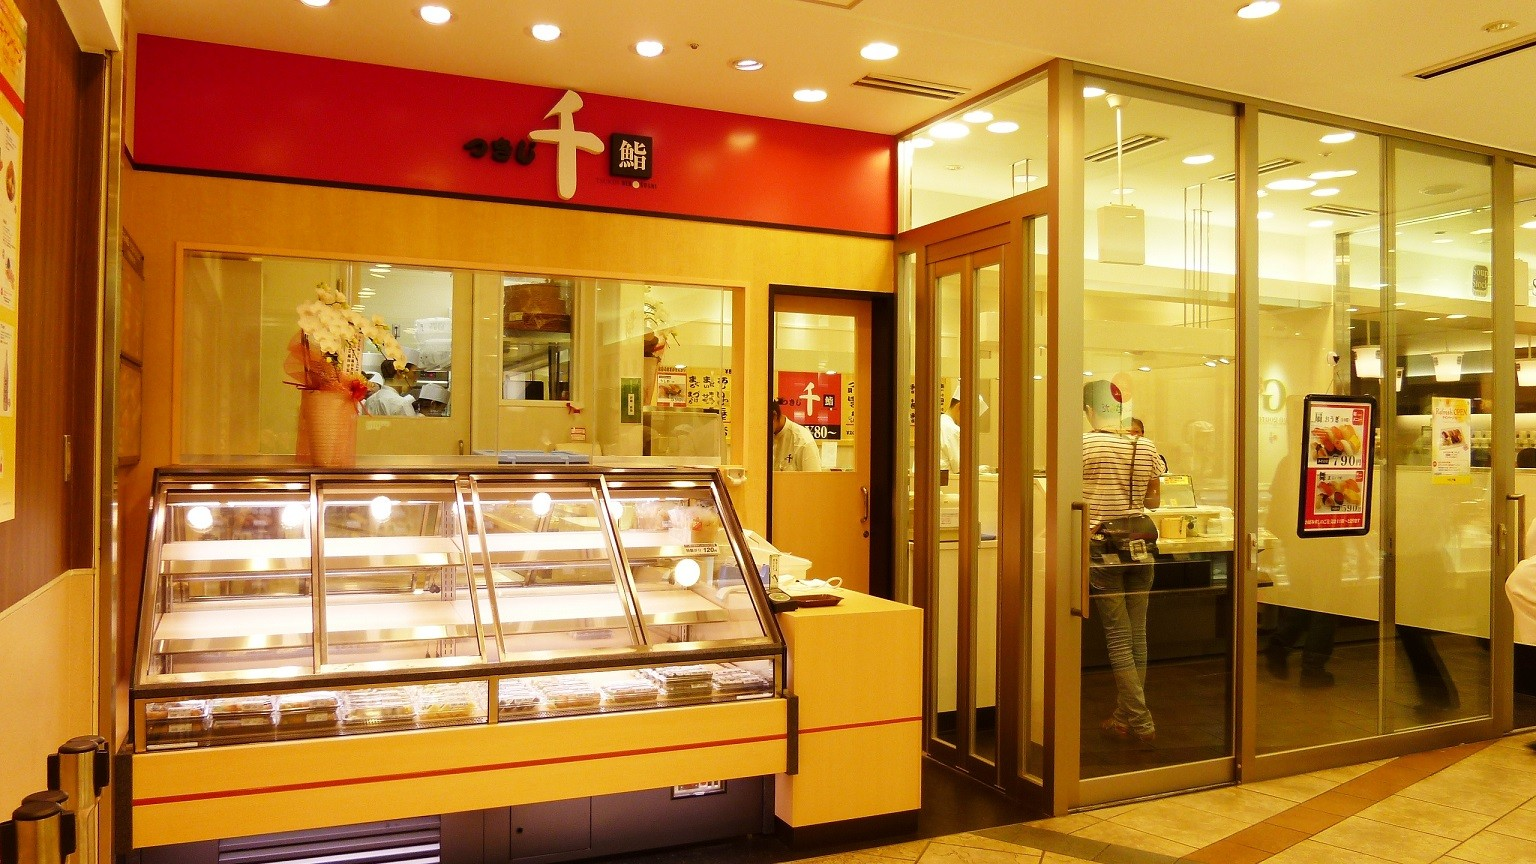 つきじ千鮨 大船店 のアルバイト情報